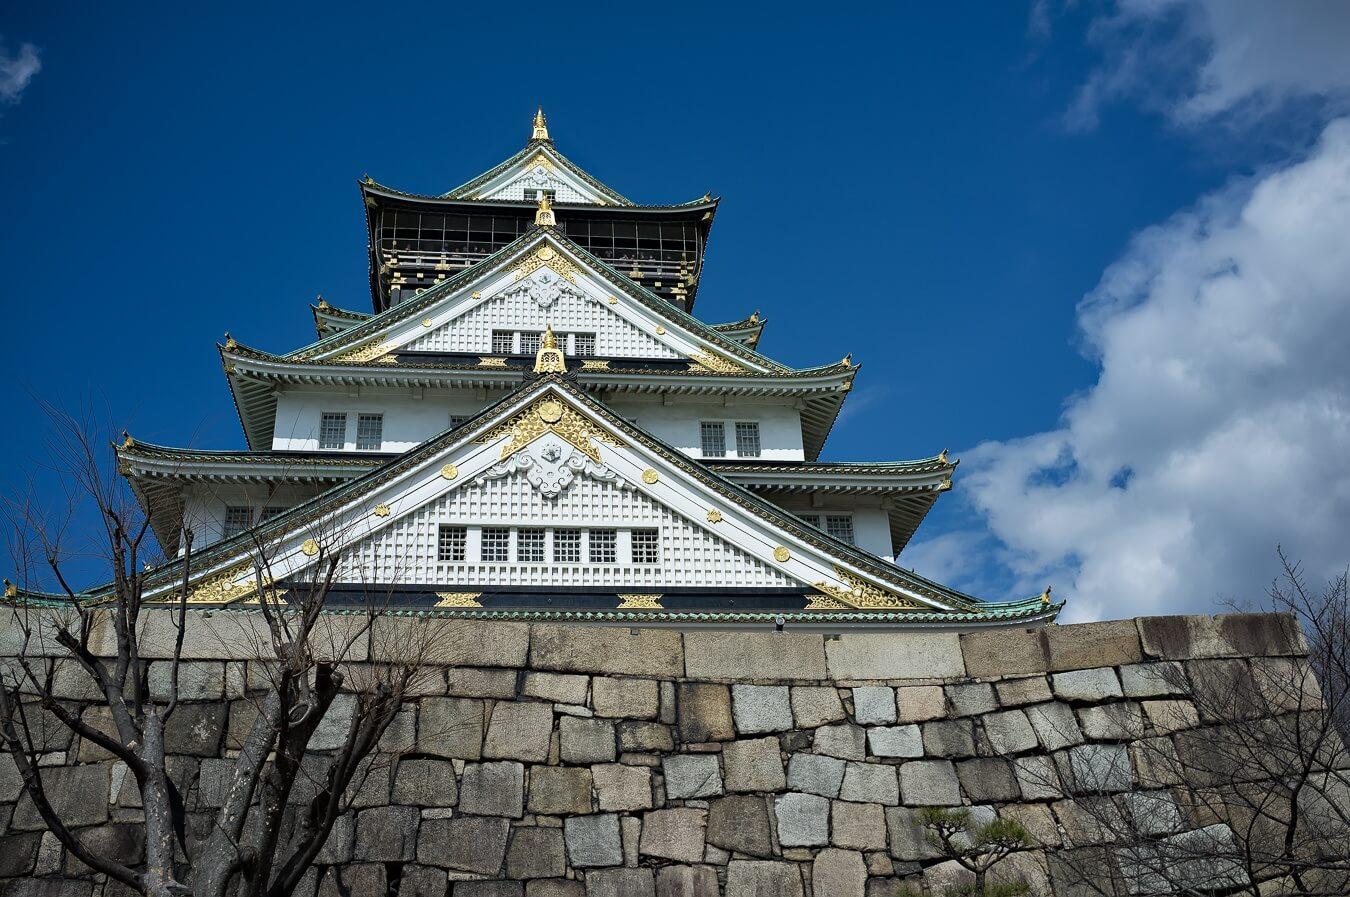 Osaka Castle, Japan - Photo by Zed Sindelar of CuriousZed Photography